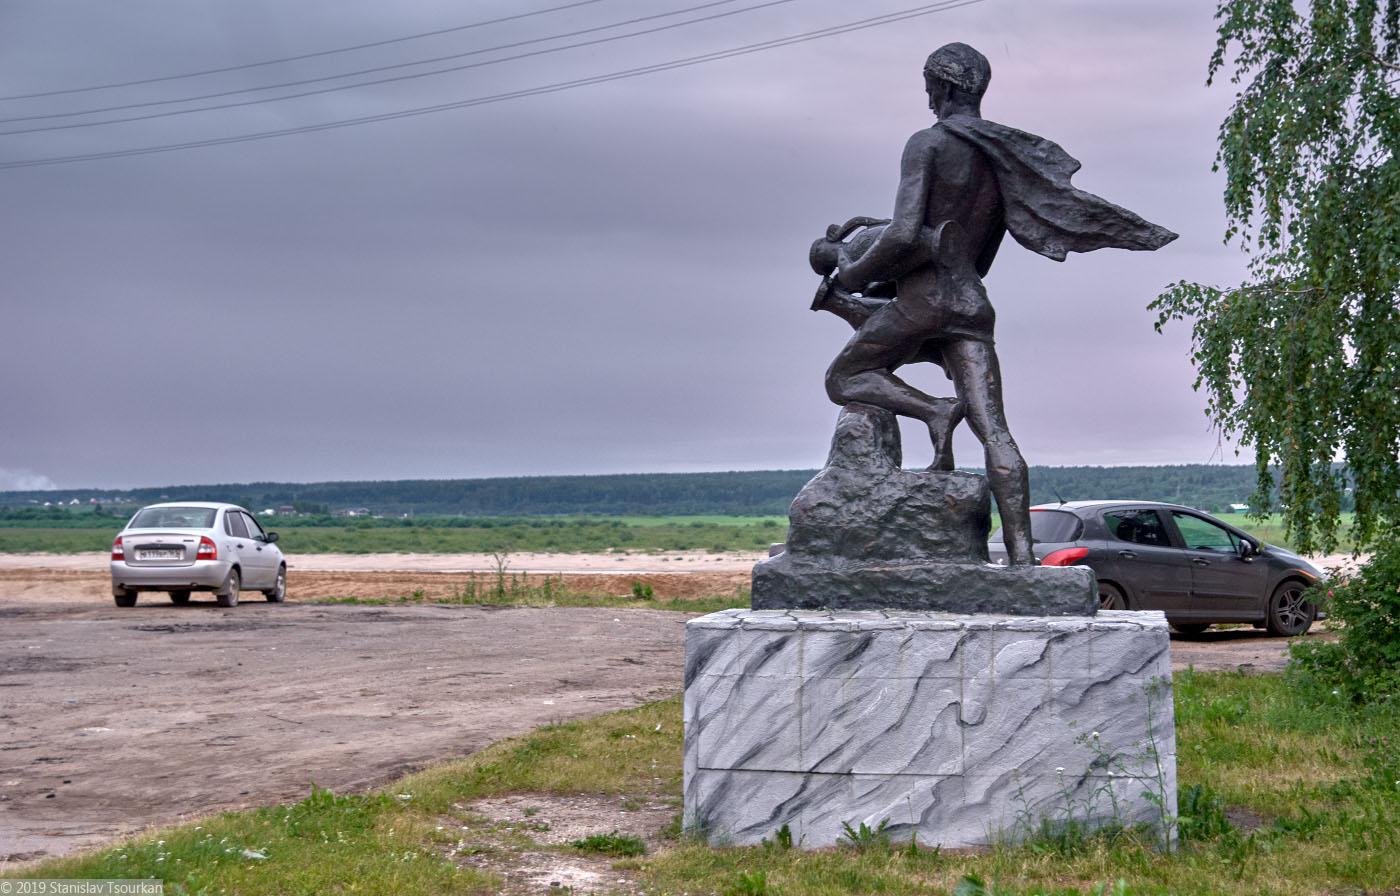 Вологодская область, Вологодчина, Великий устюг, Русский север, Водолей.